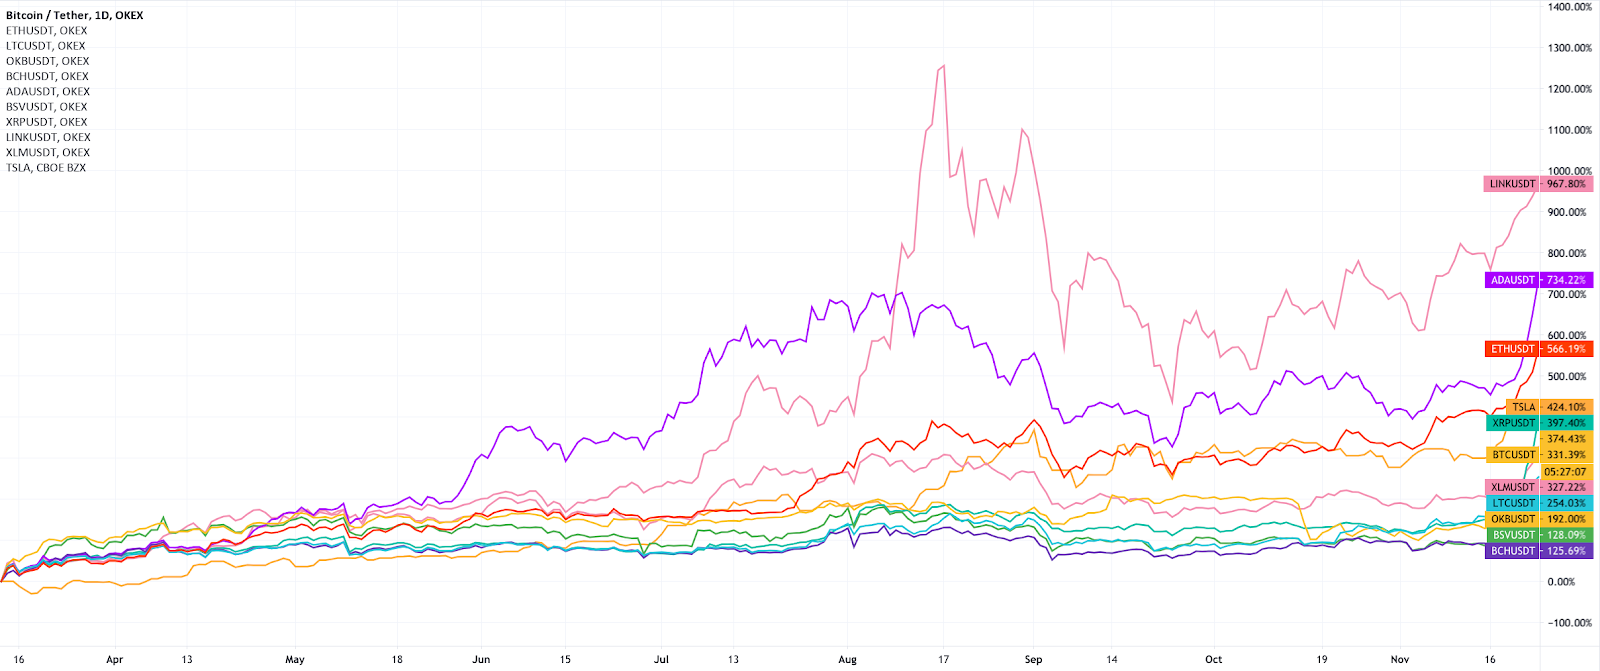 bitcoins tiek uzskatīts par ieguldījumu ieguldot valore bitcoin